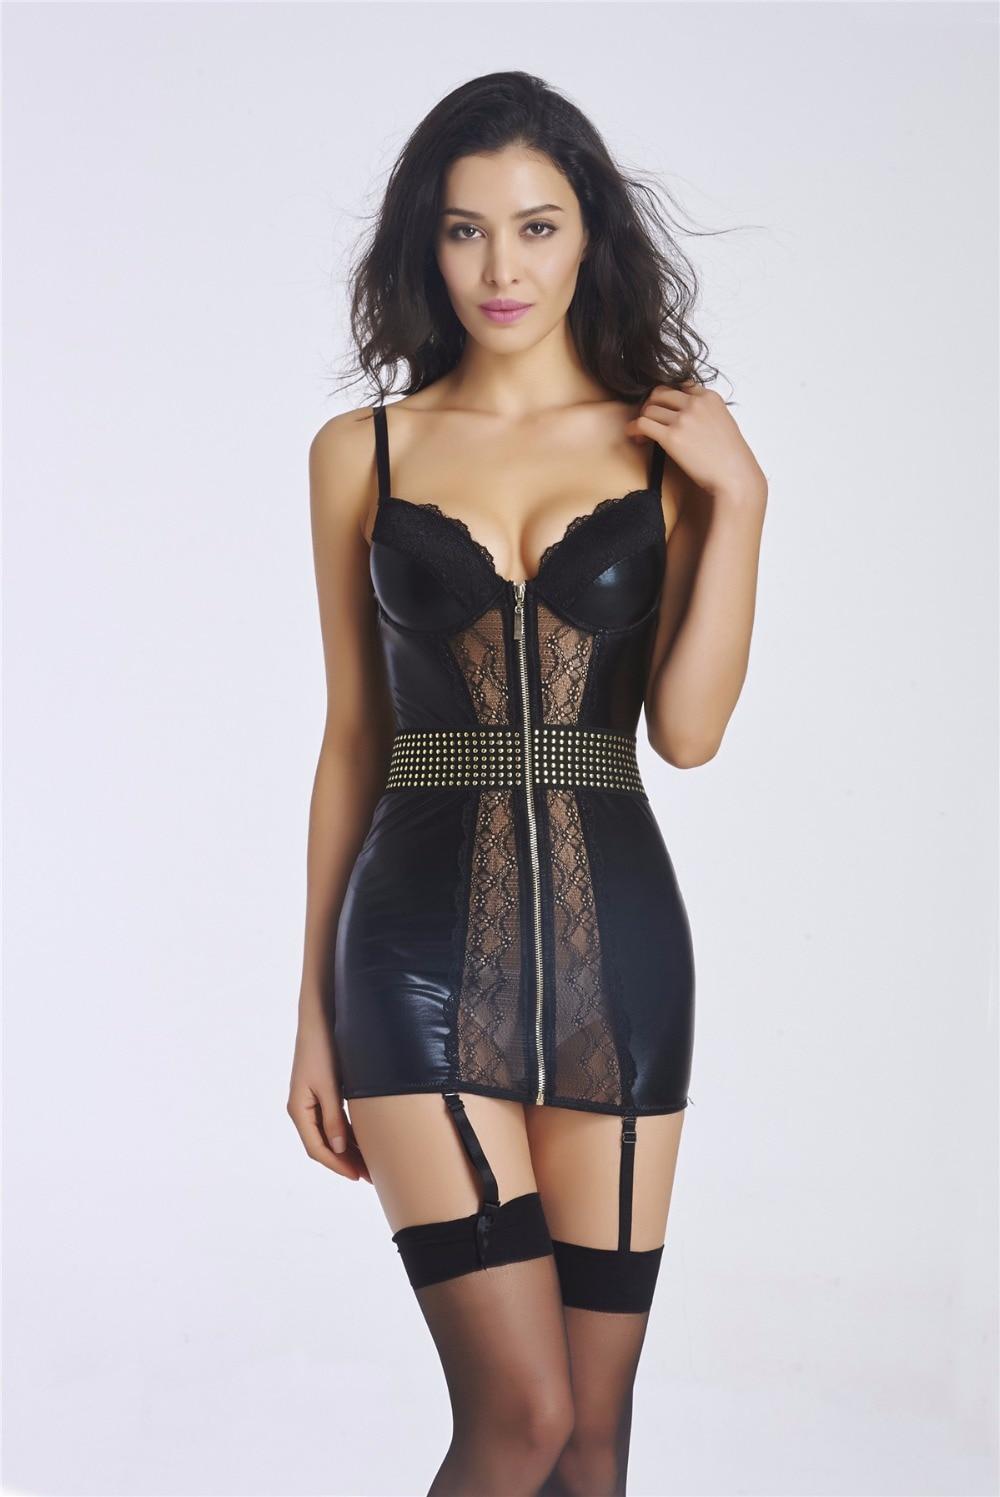 hot erotic lingerie langeri negligee clothes costumes intimates sex